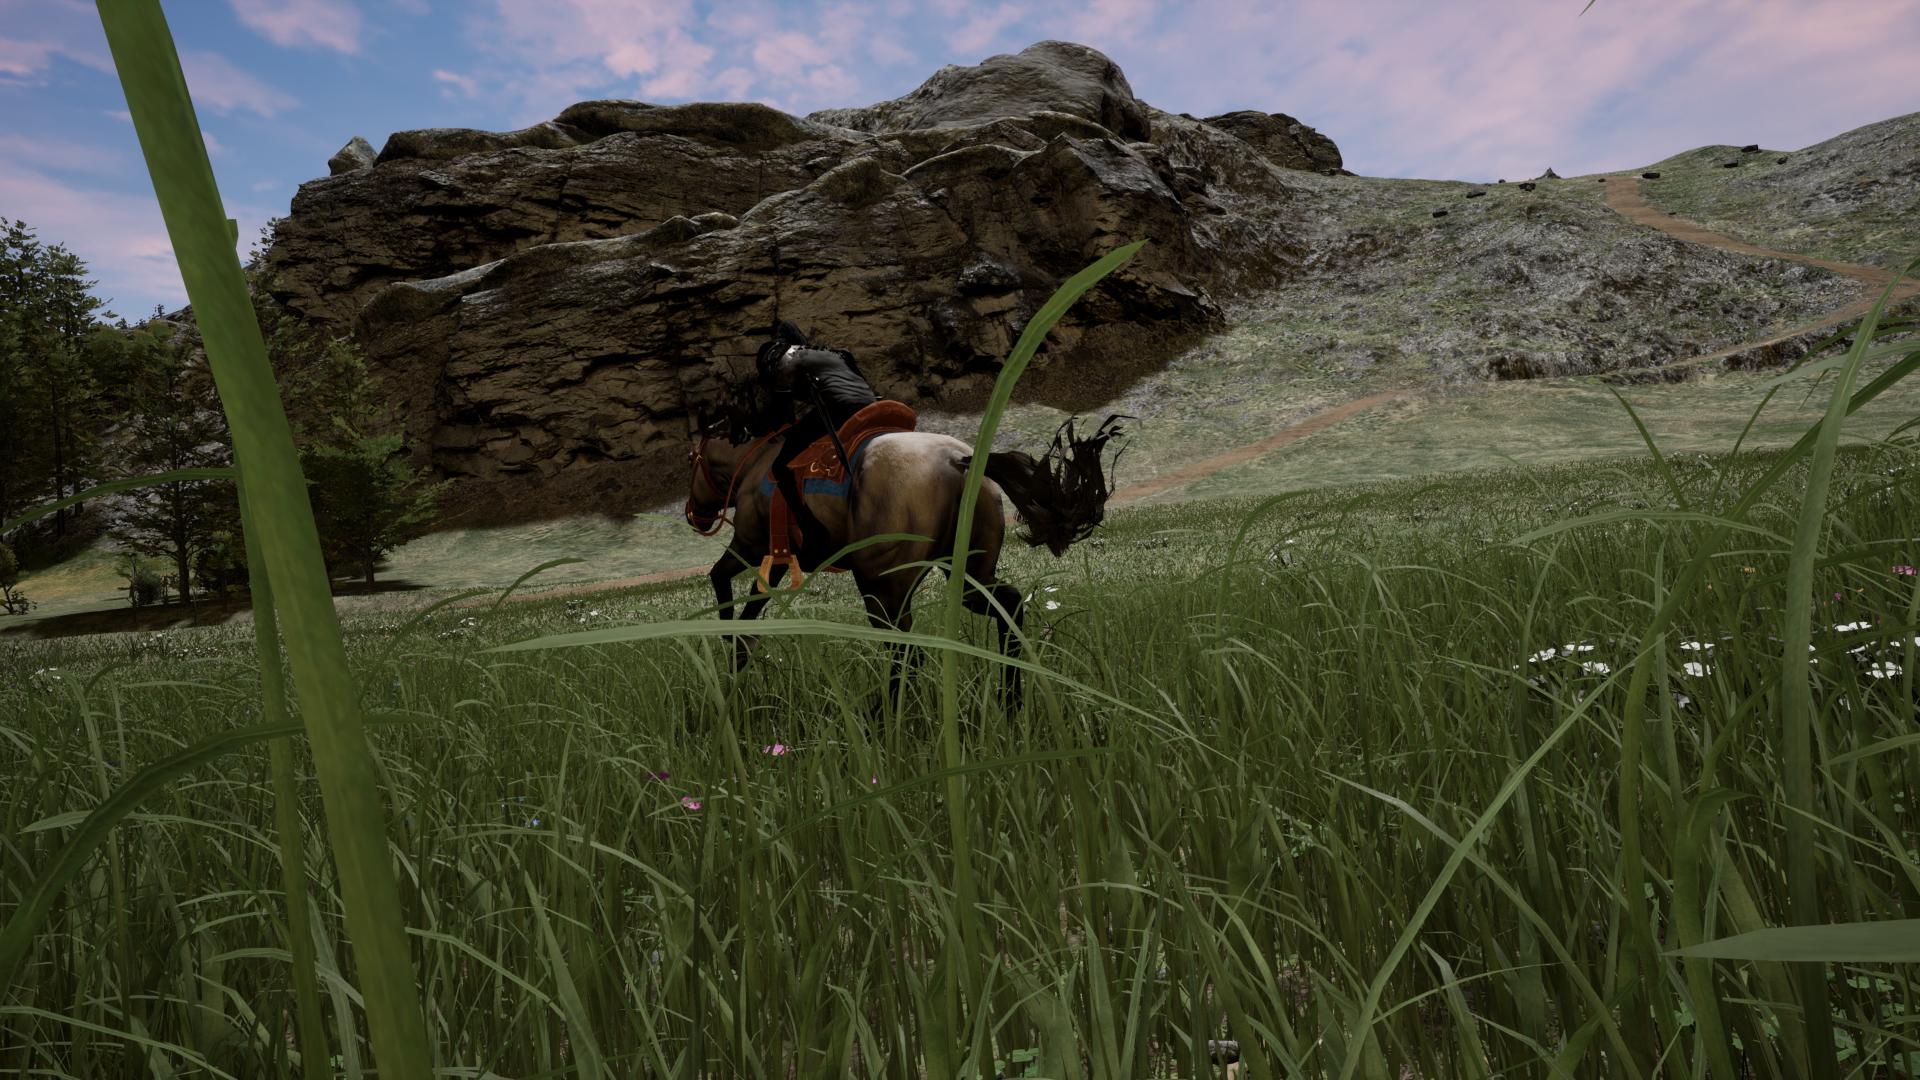 Stormrite, a horse running in a field